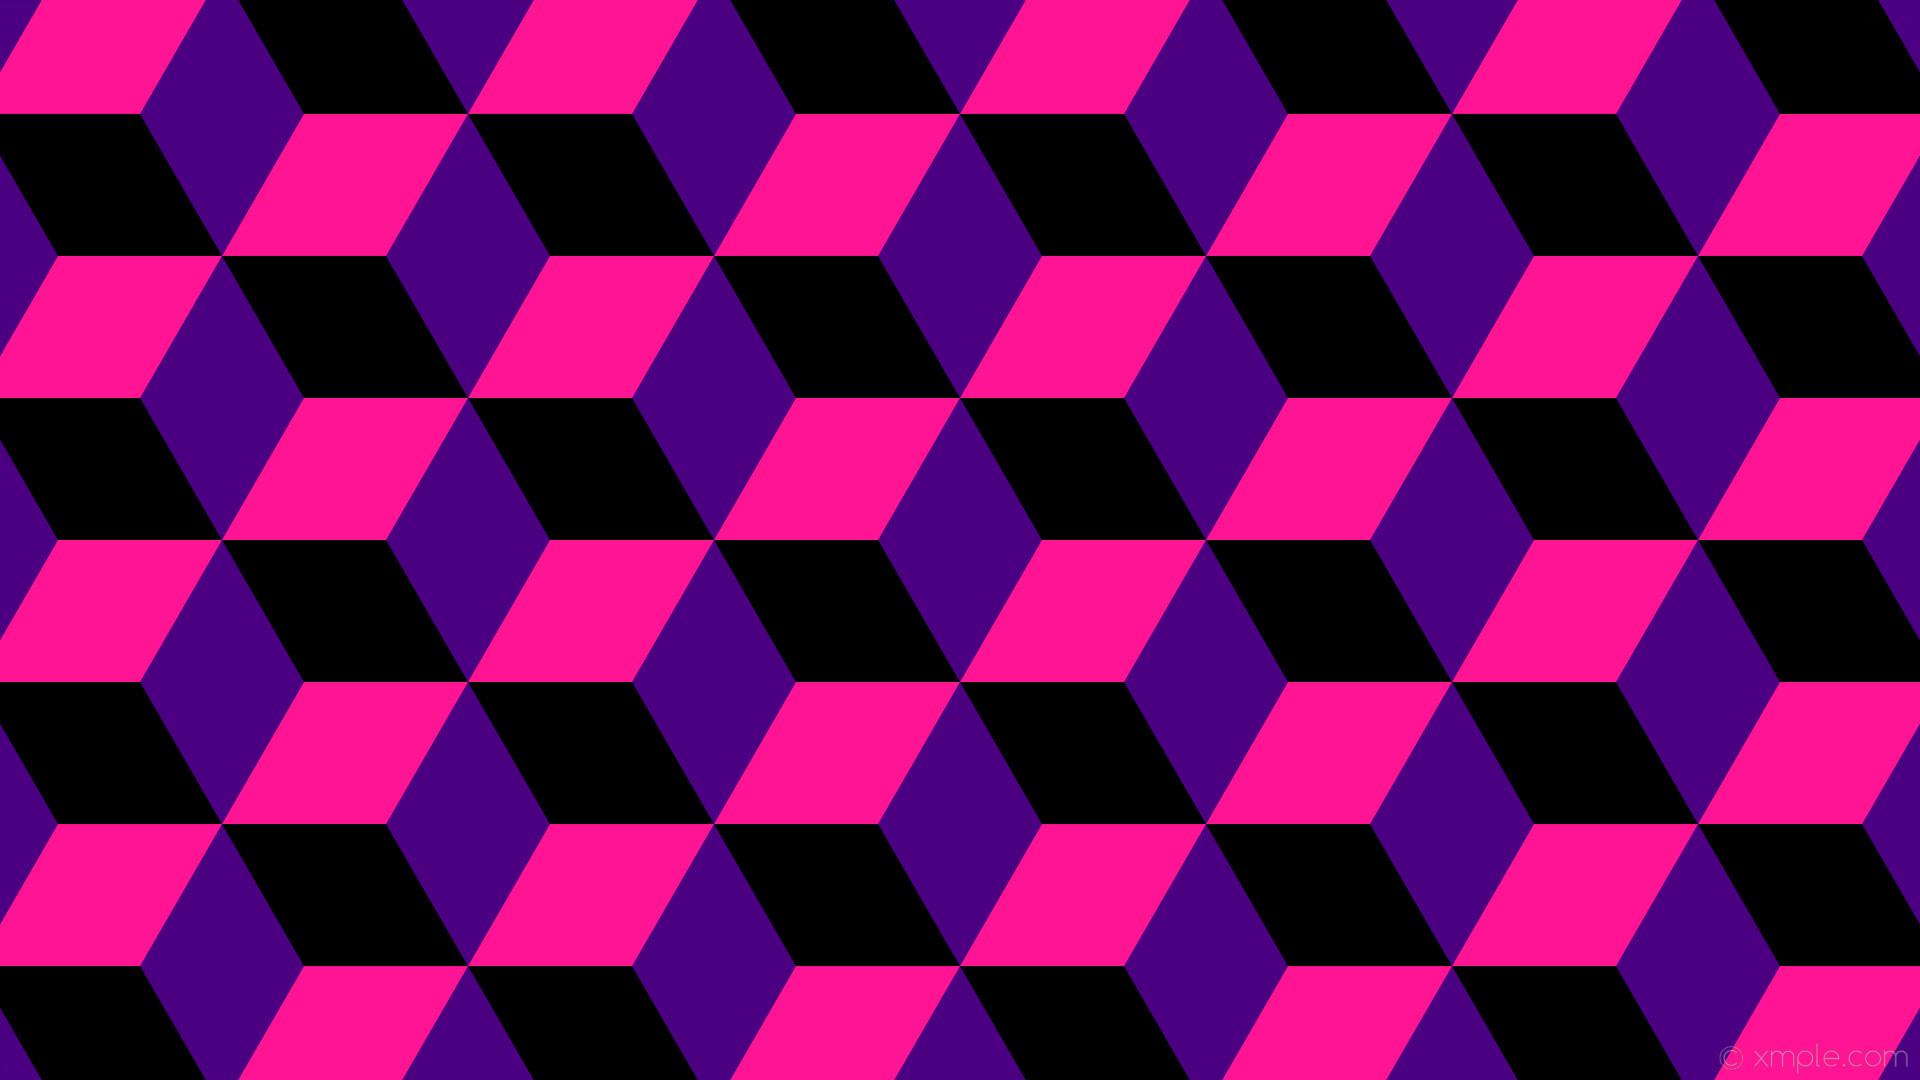 wallpaper purple 3d cubes pink black indigo deep pink #4b0082 #ff1493  #000000 270